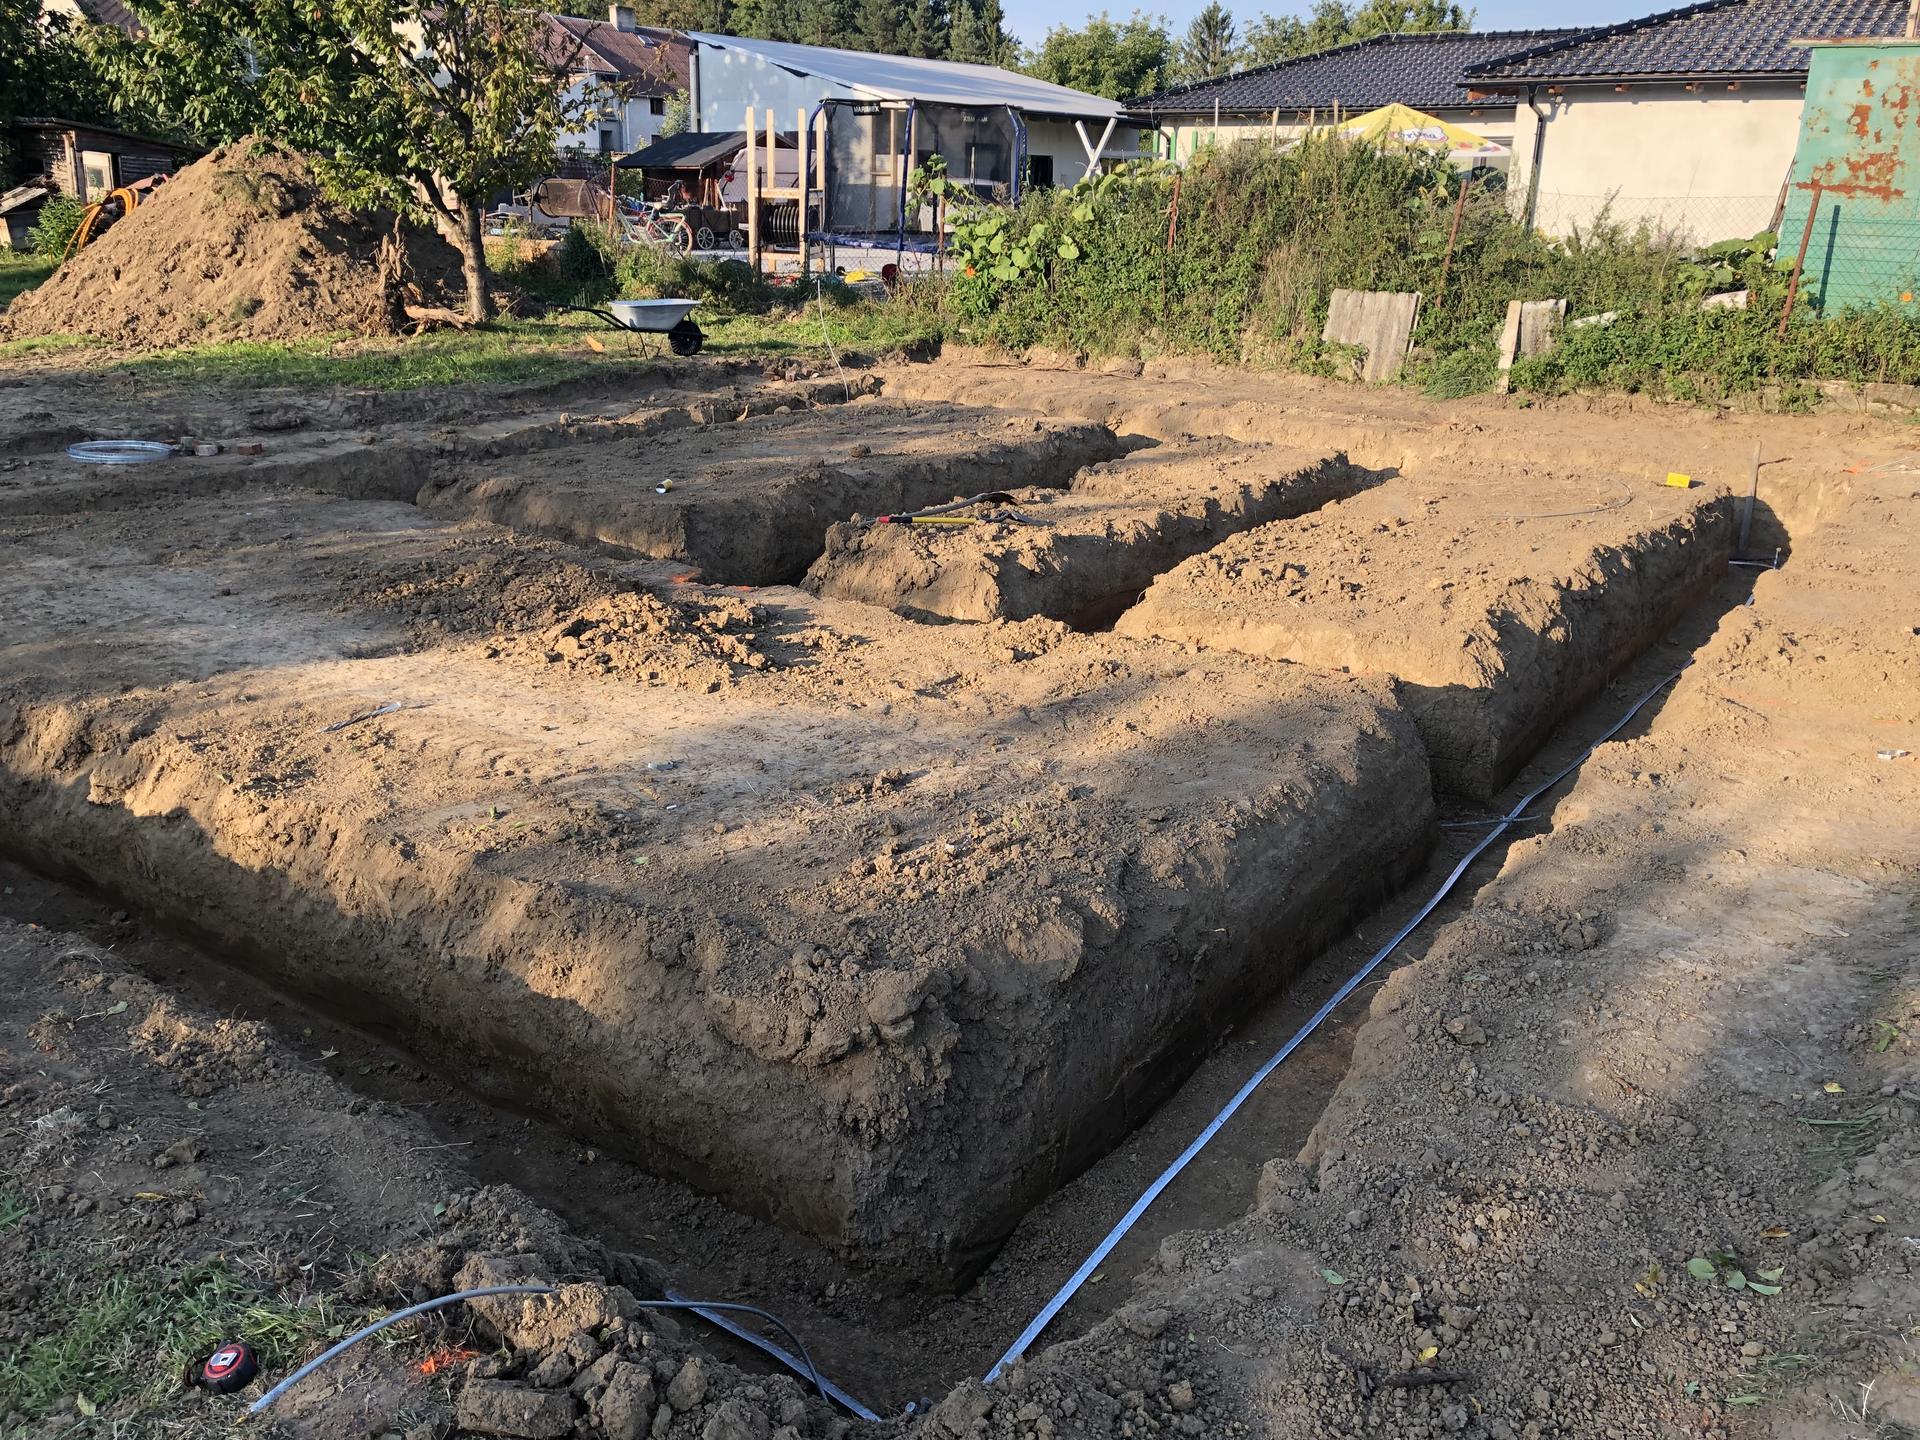 Náš domek, budoucí domov. - Základové pasy vykopané a zemina rovnou odvezena z pozemku.